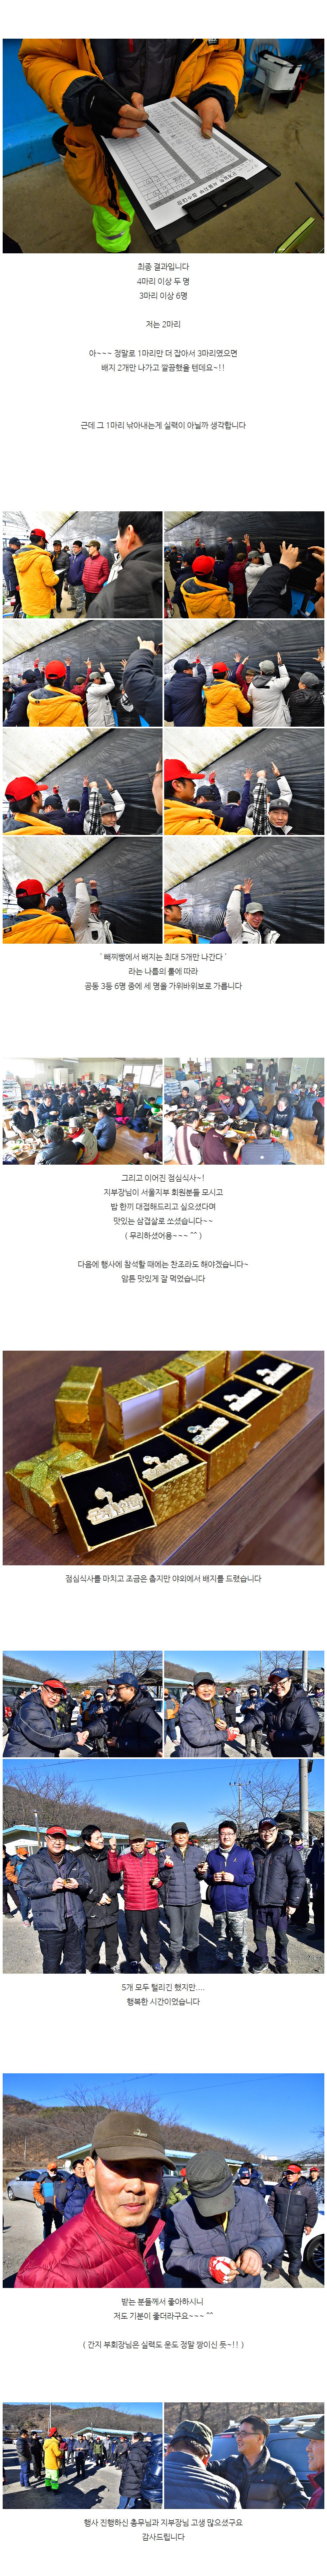 빼찌빵 - 서울지부 번출(왕골 하우스) 5.jpg